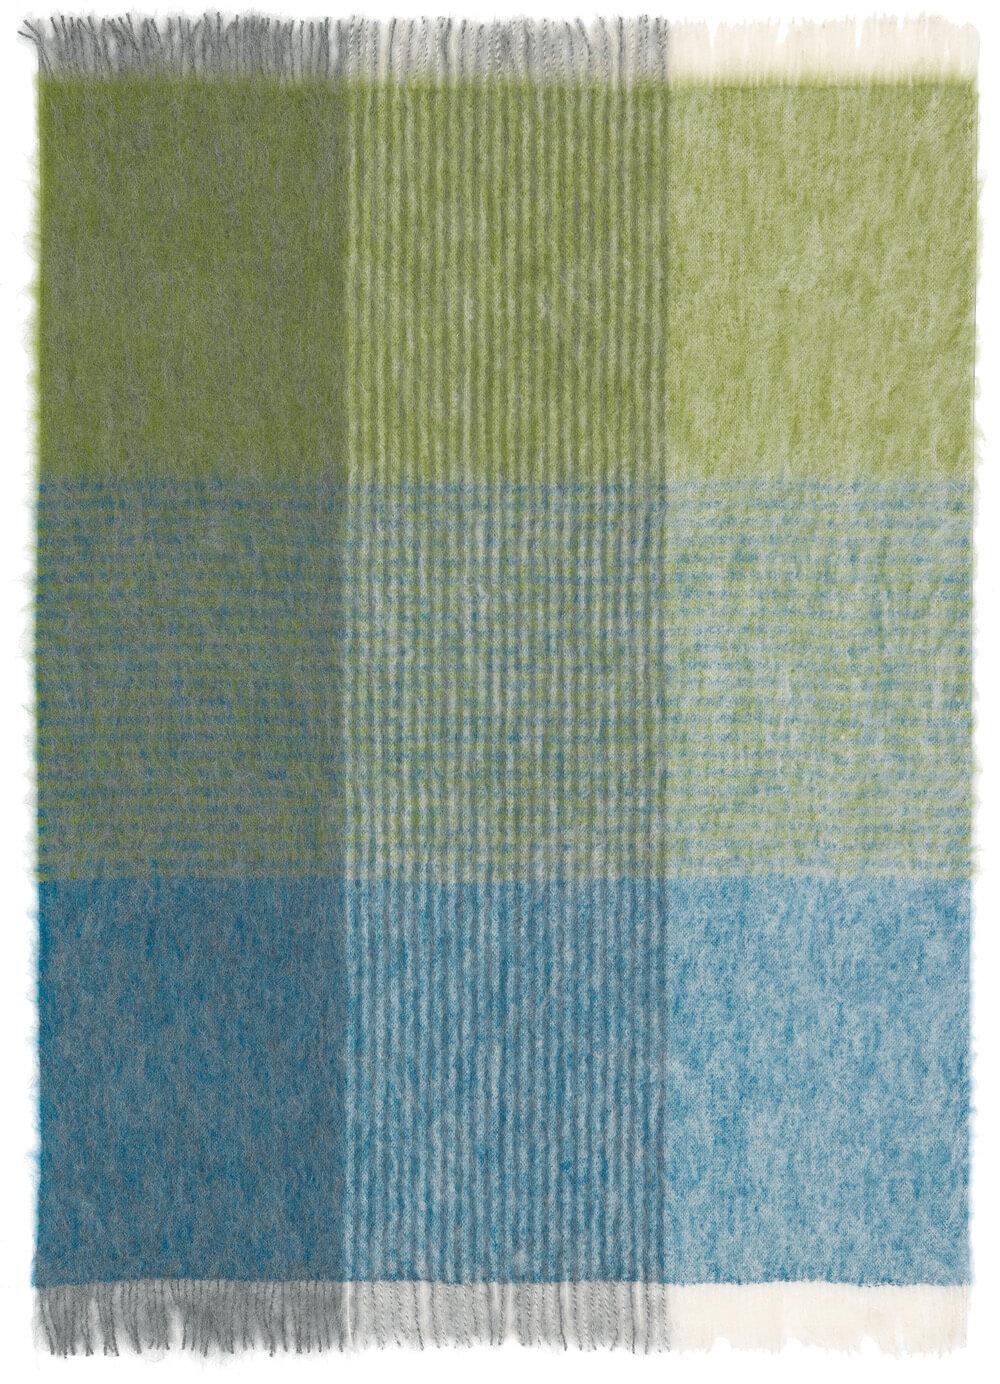 Bild von StPetersburg_kiwi_blue_mohair_blanket_104, Variante kiwi-türkis